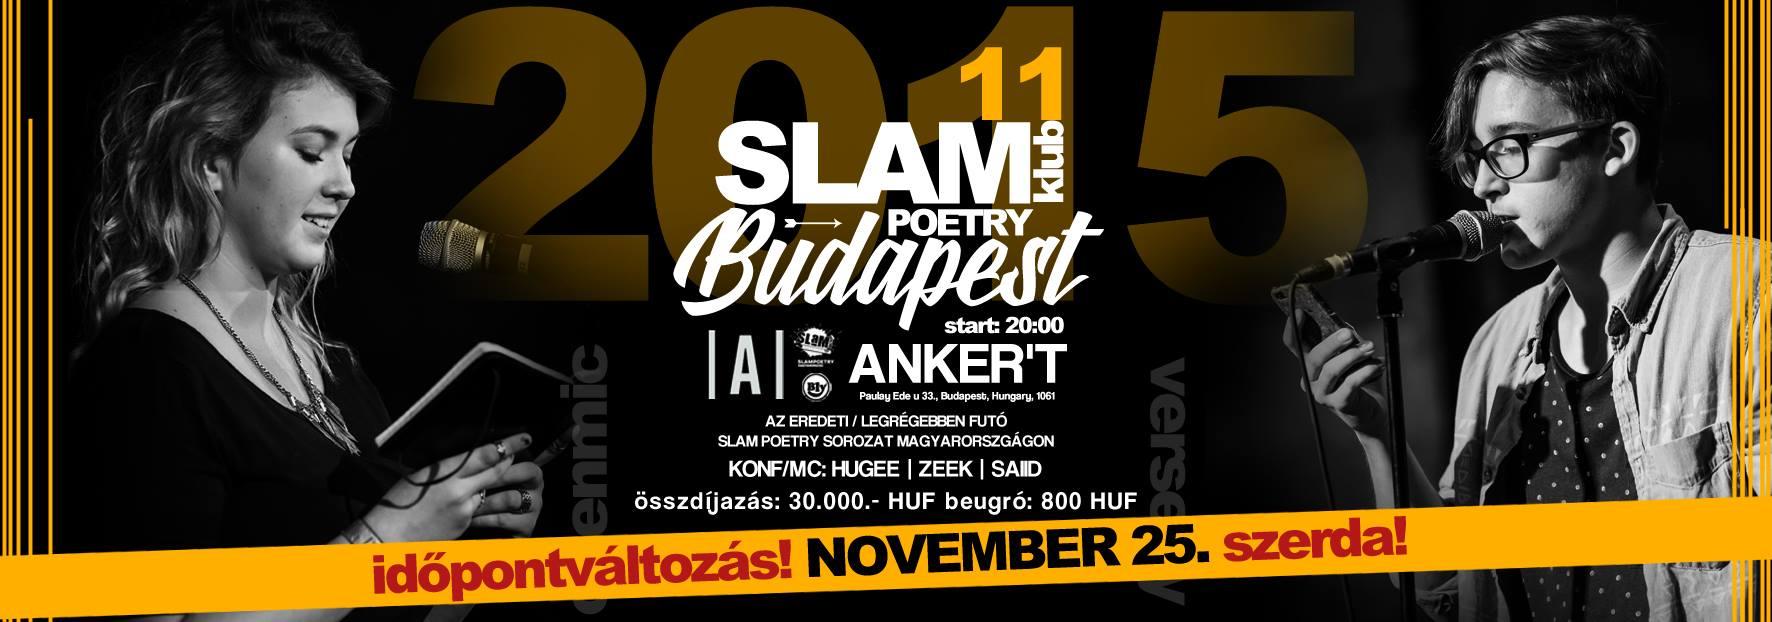 Slam Poetry Budapest Klub @ Anker't 2015. 11. 25. / SZERDA